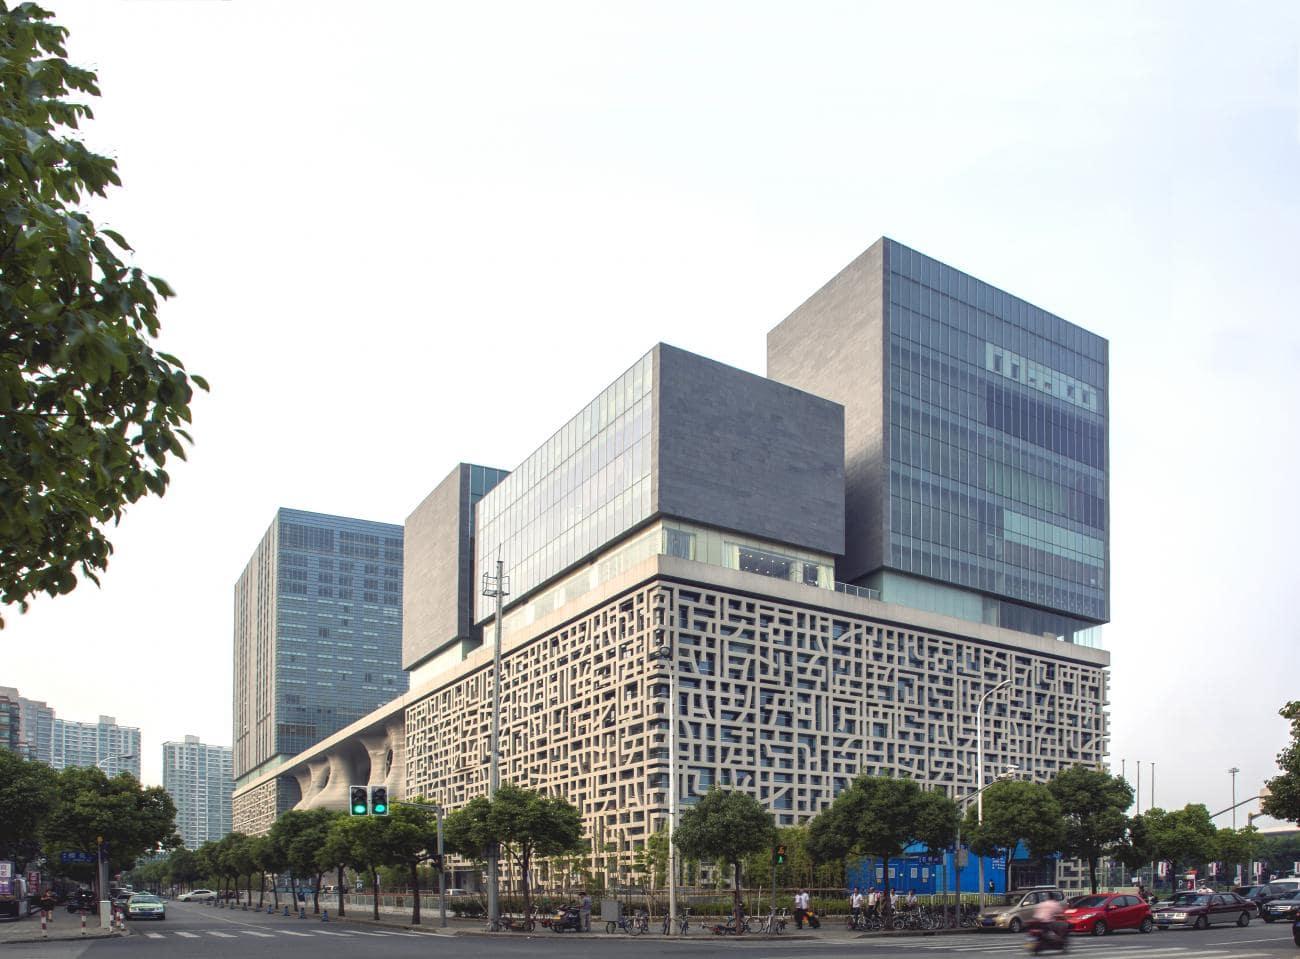 پروژه آراتا ایسوزاکی برنده جایزه معماری پریتزکر 5